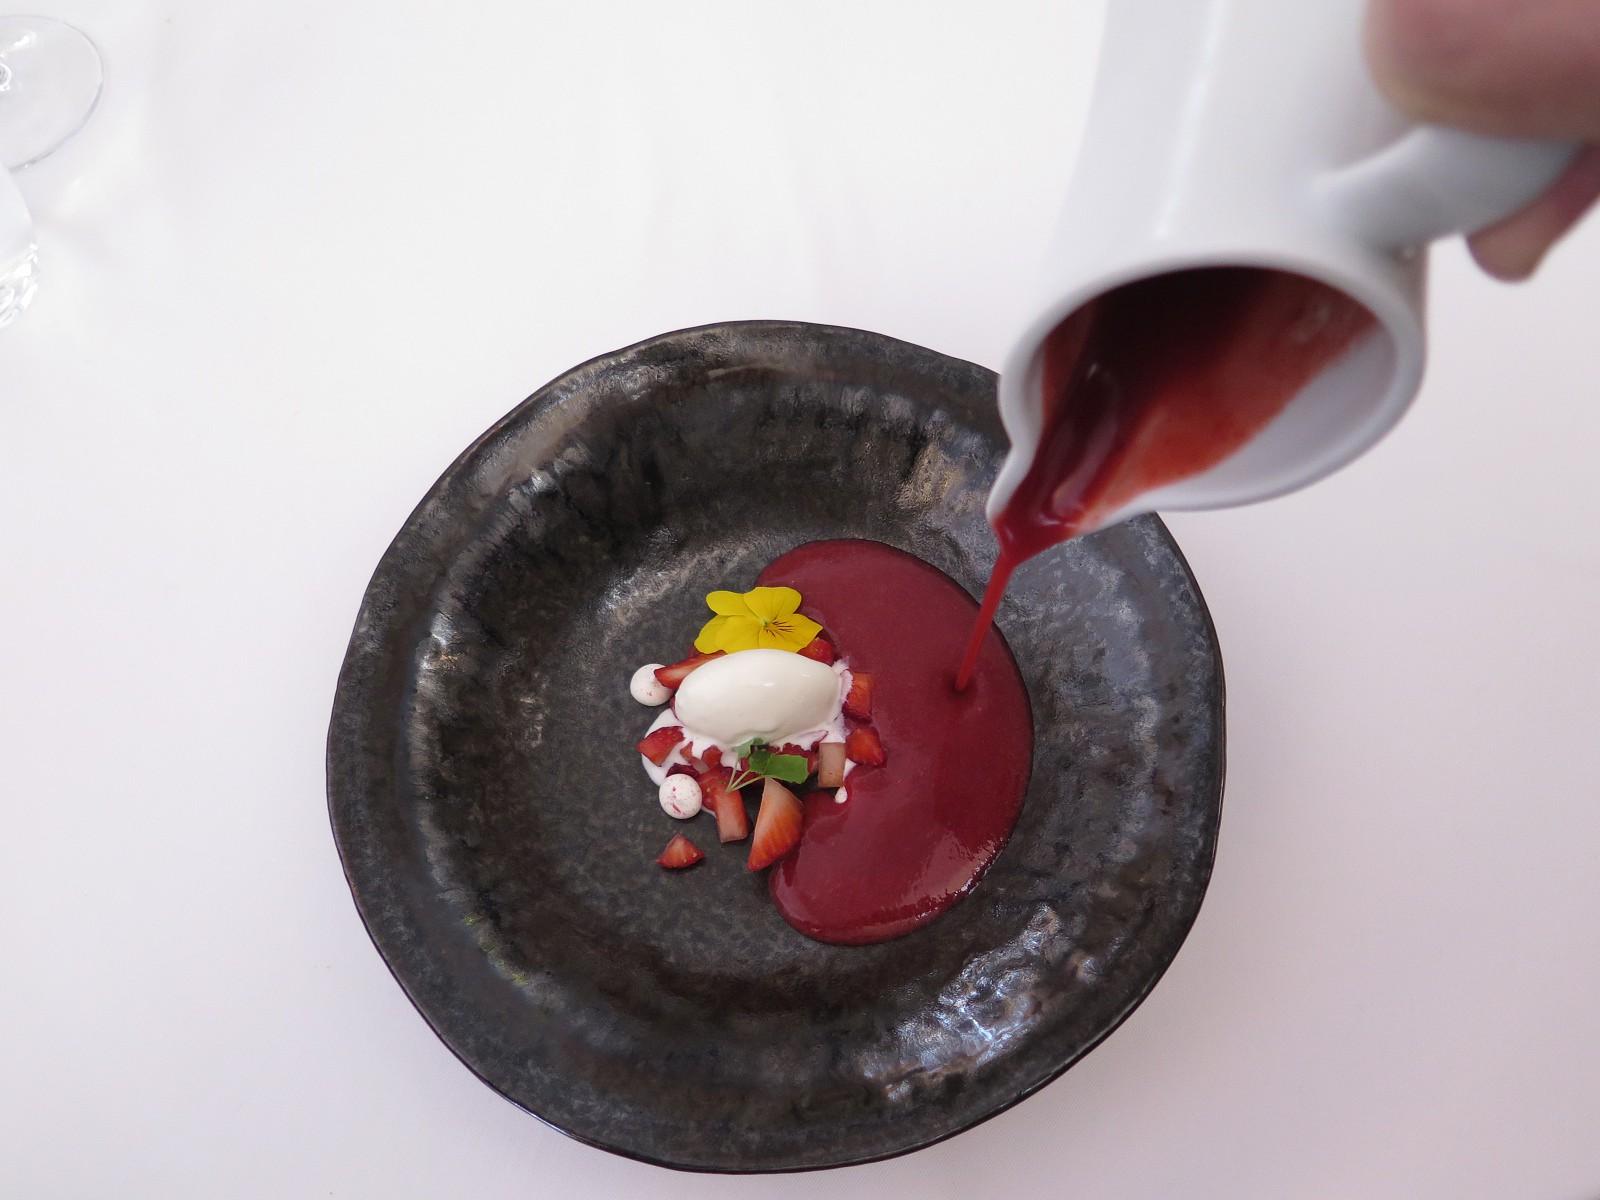 Sopa fria de morangos com gelado de mascarpone